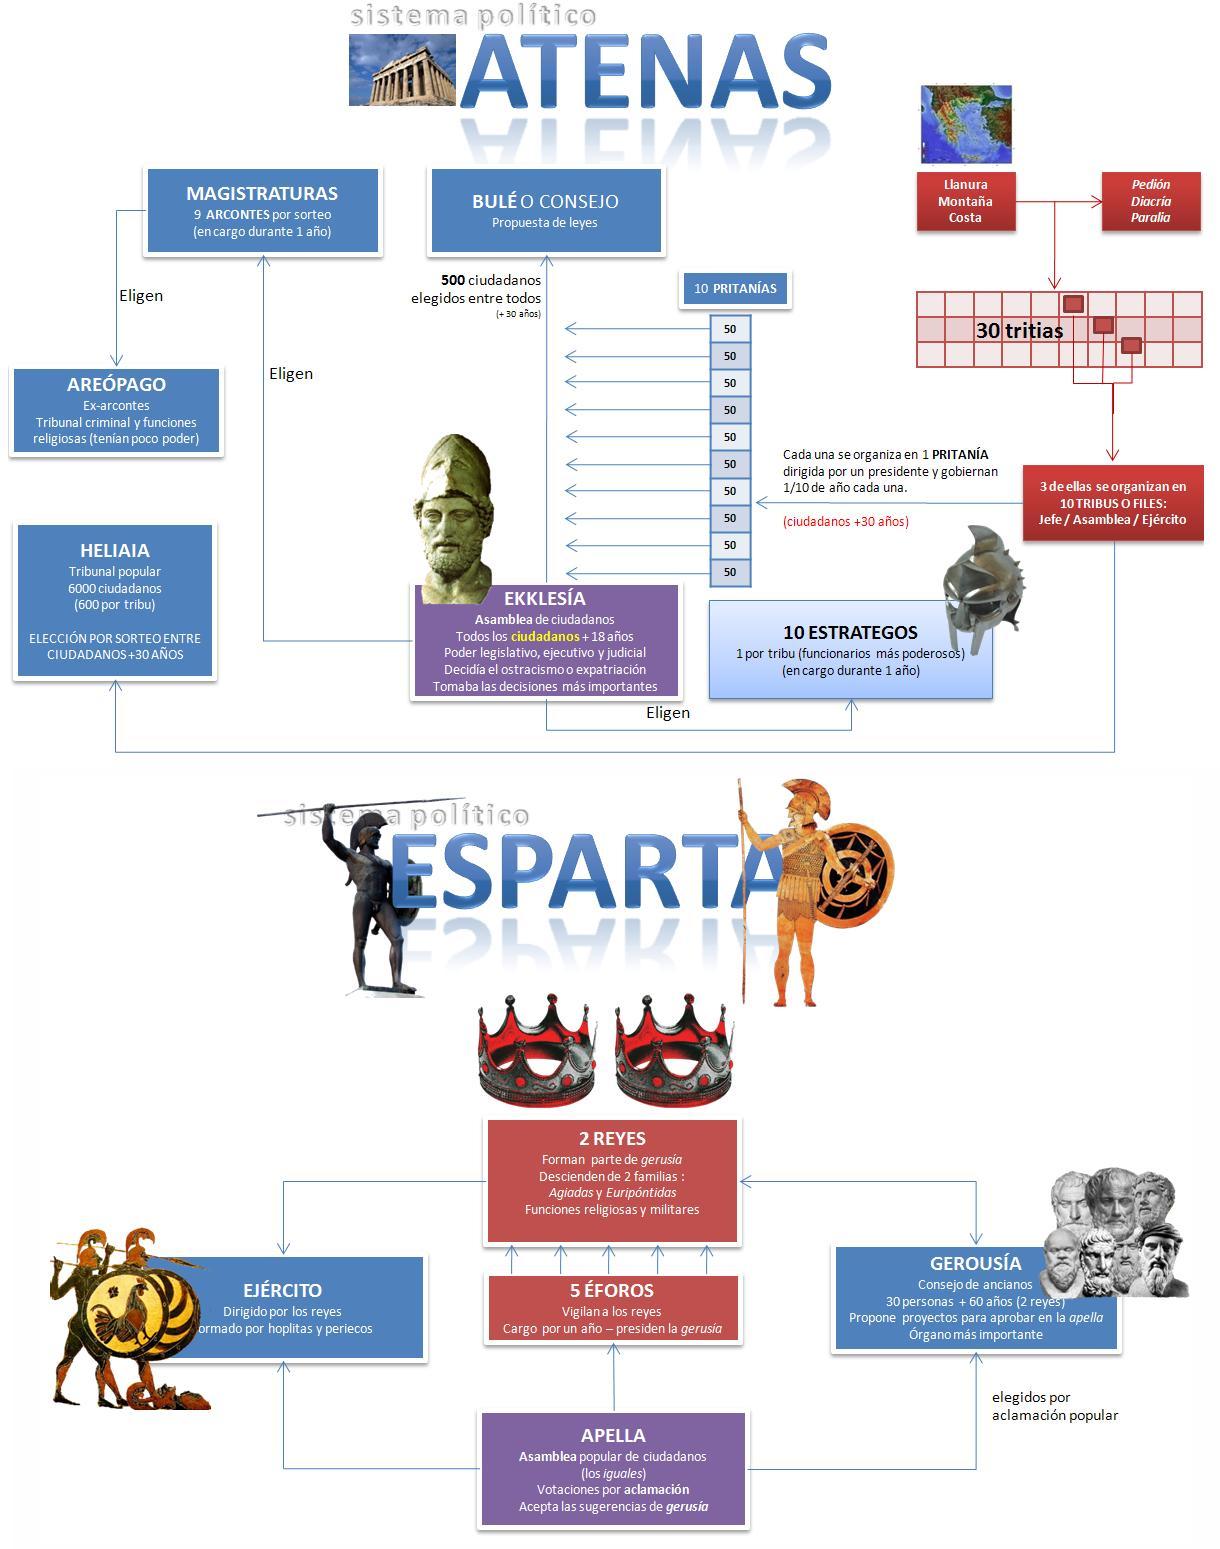 espartapoltica-esparta-y-atenas_profesor francisco